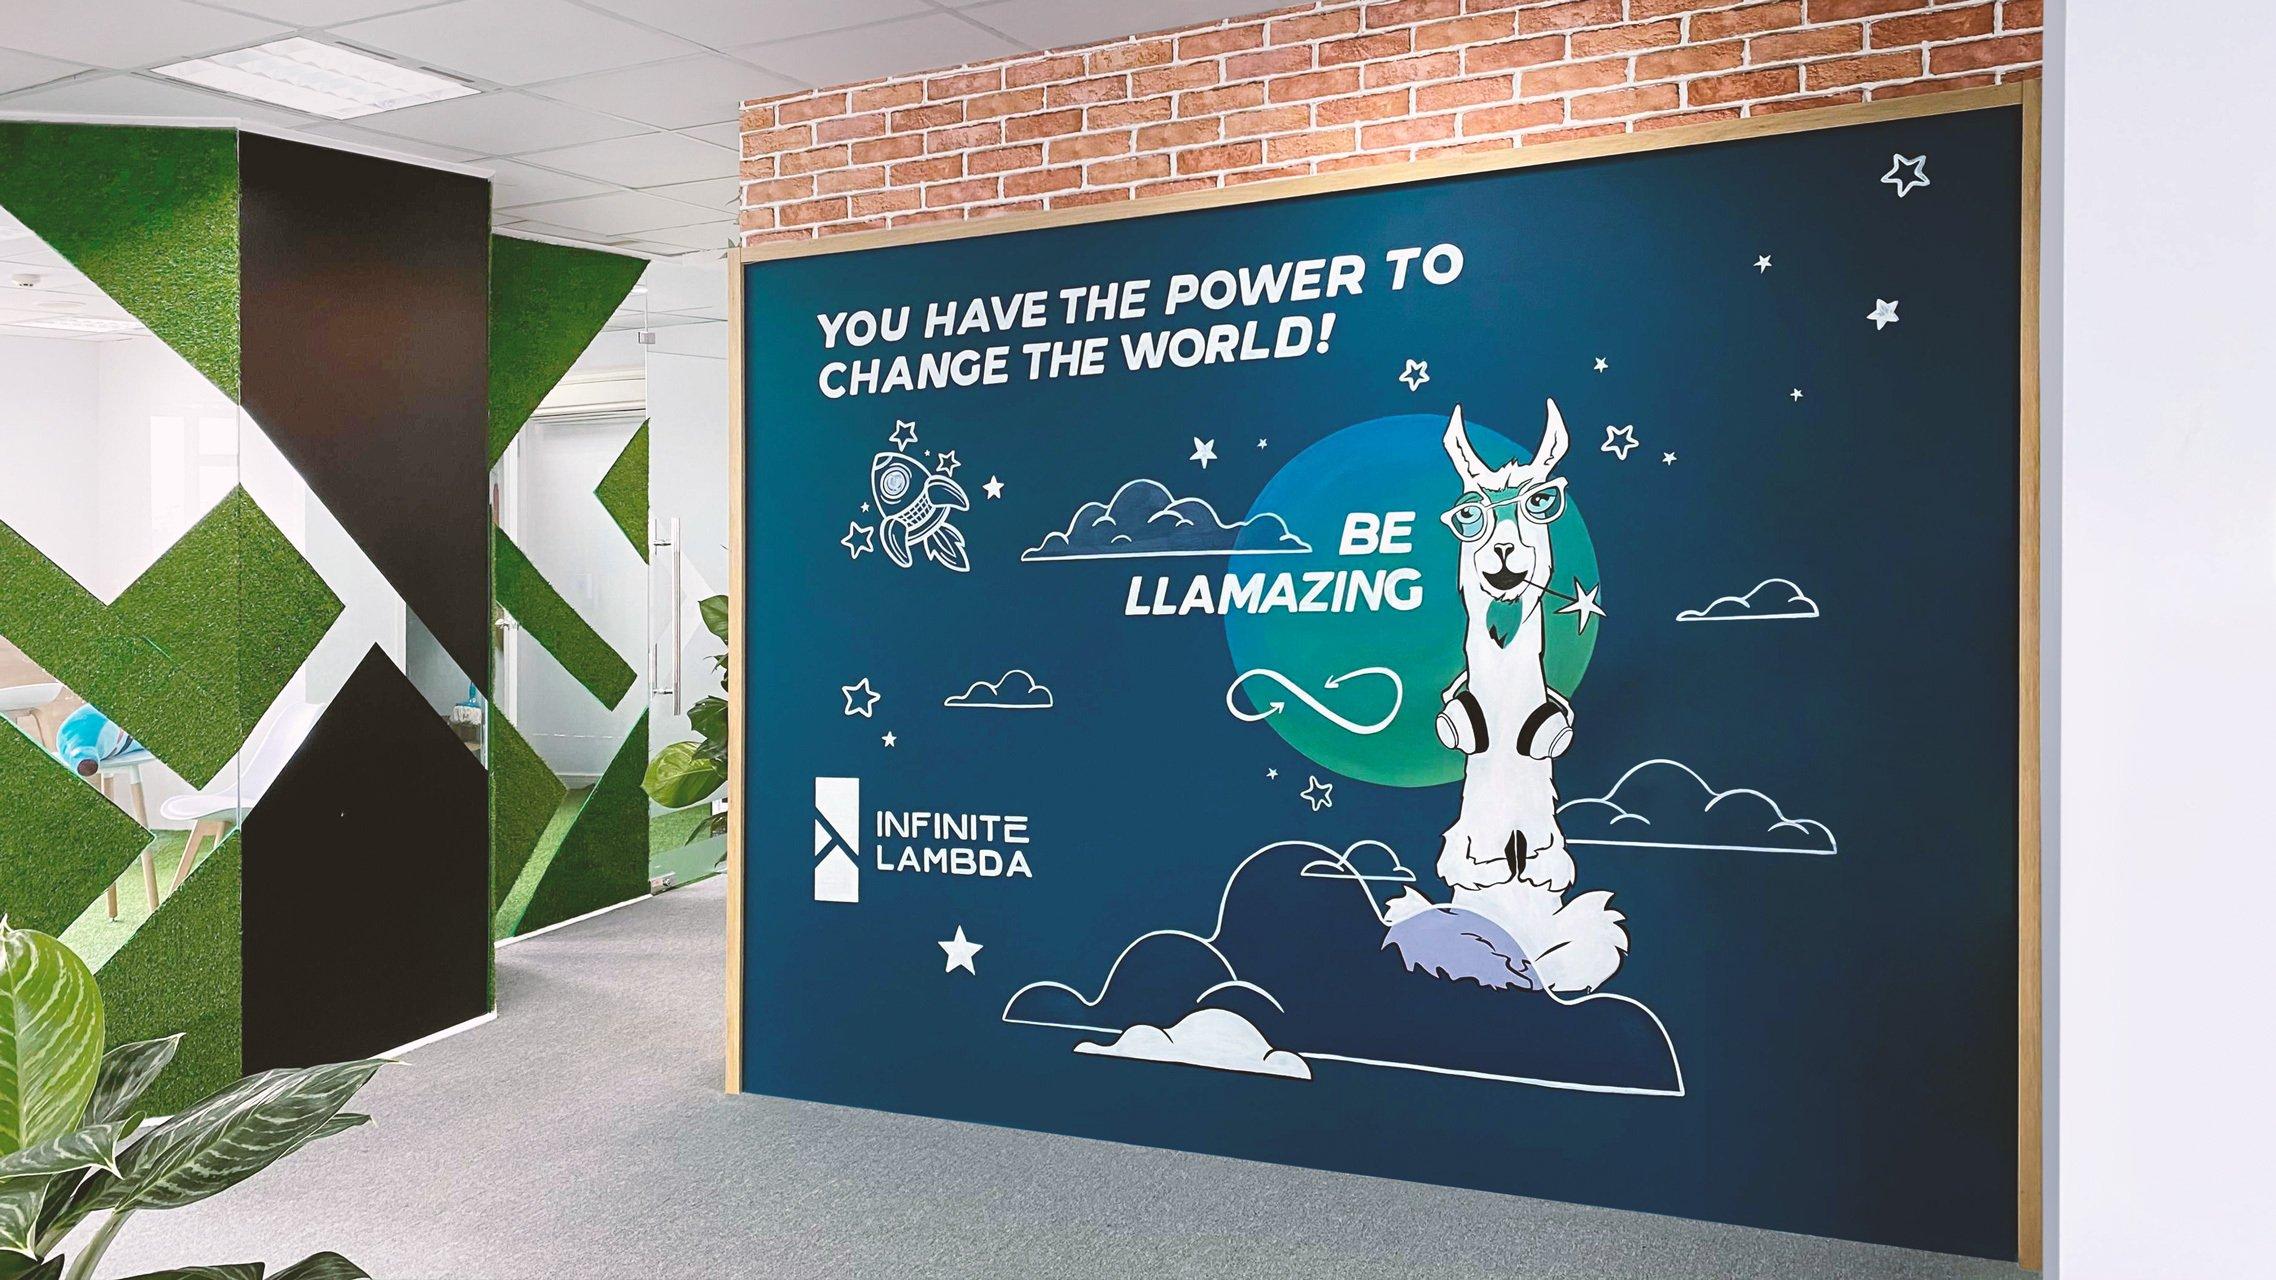 Llama wall at the HCMC office